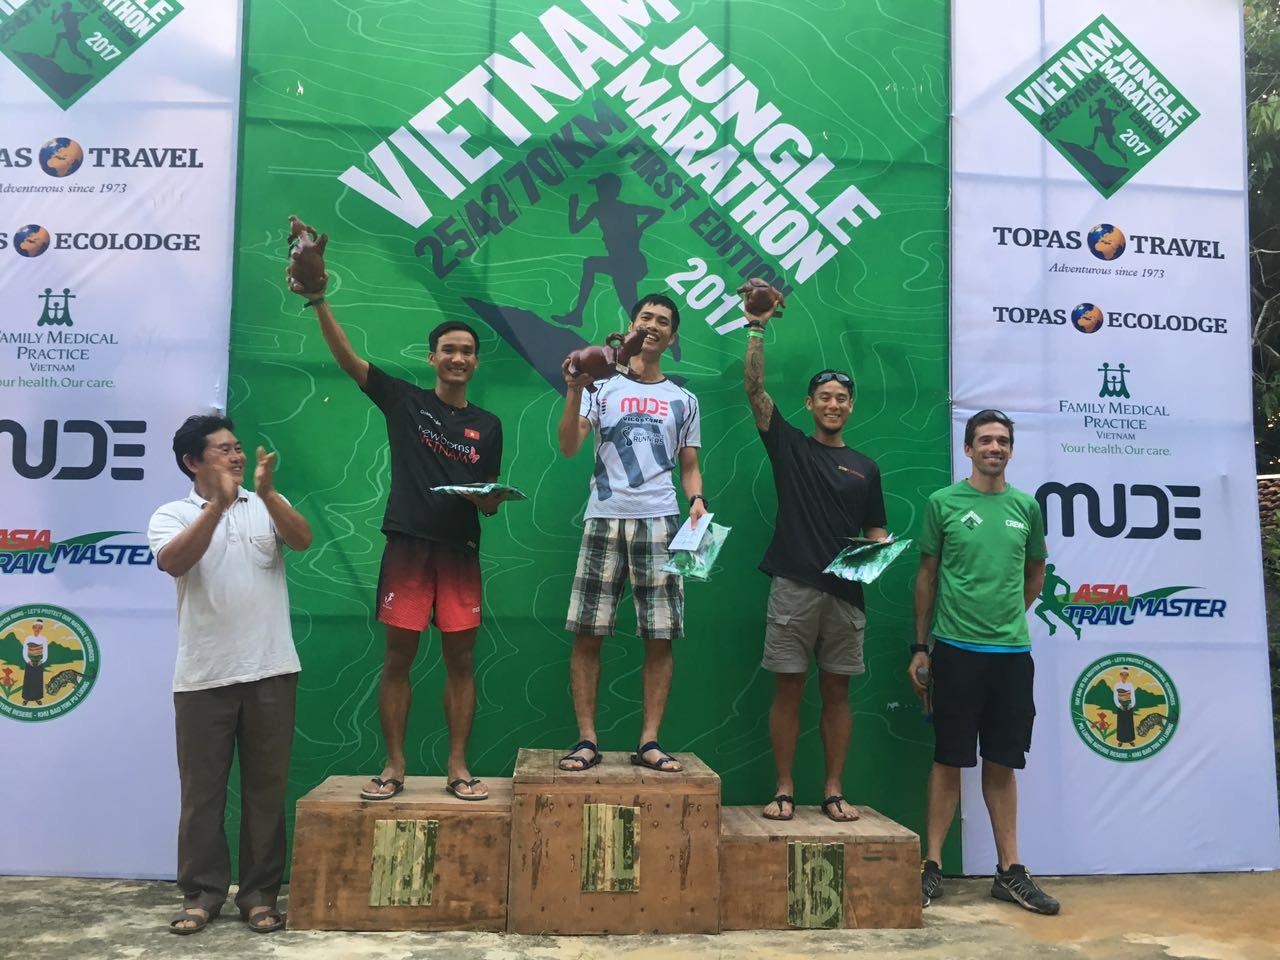 The men's podium last Saturday